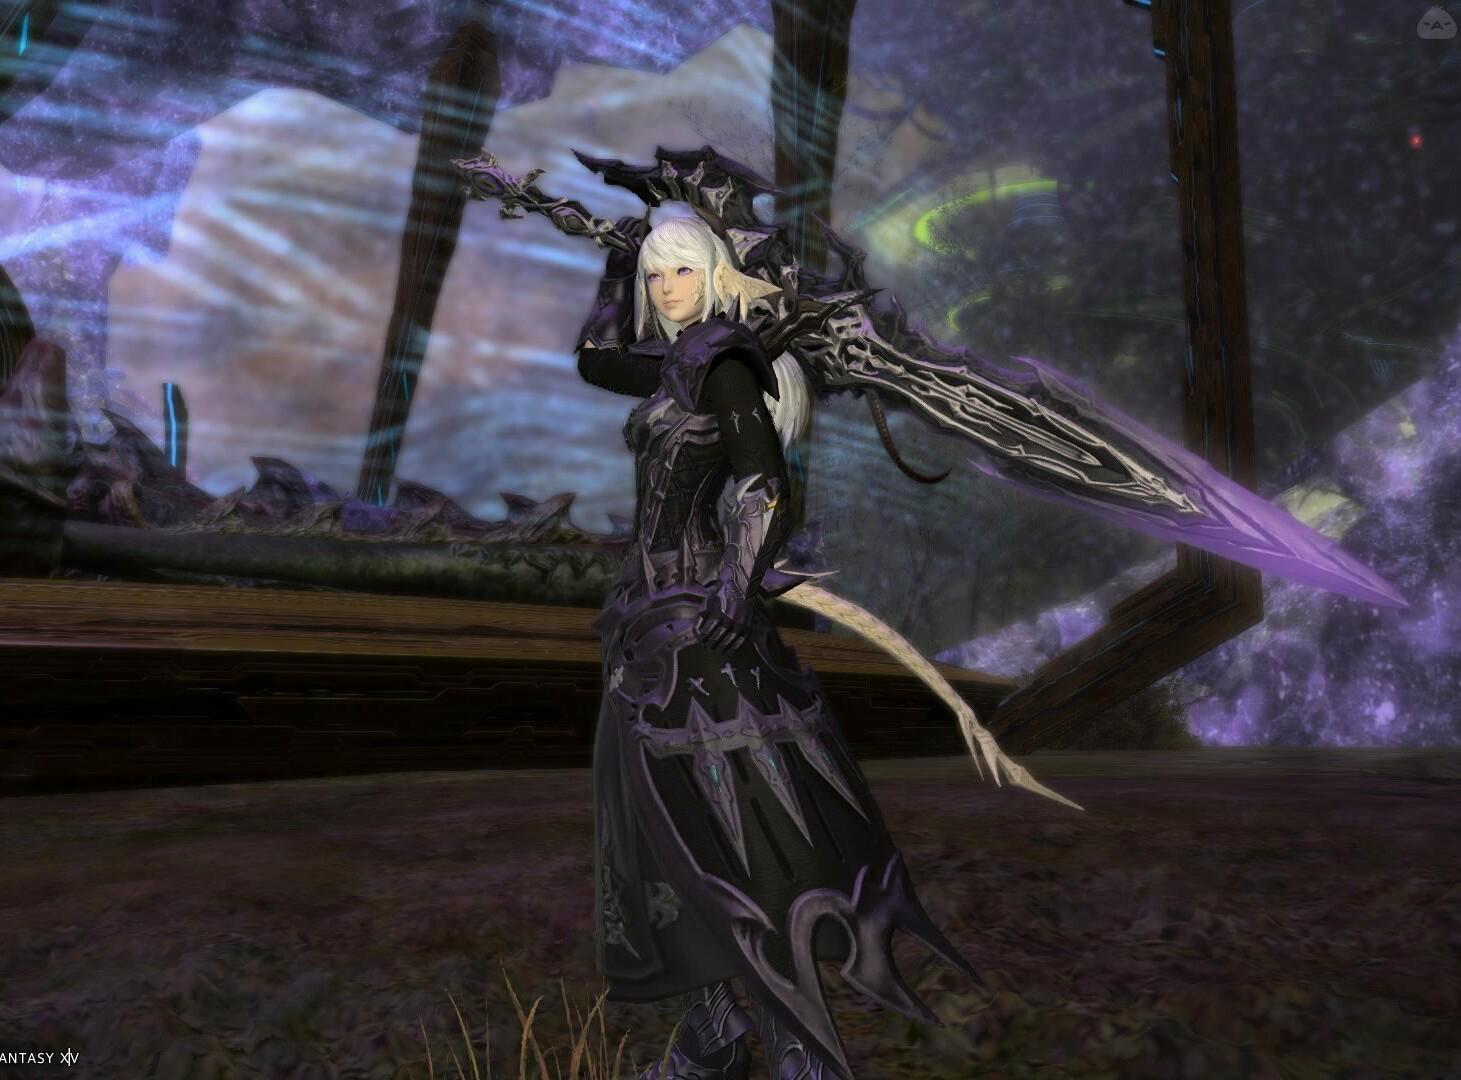 闇の女騎士